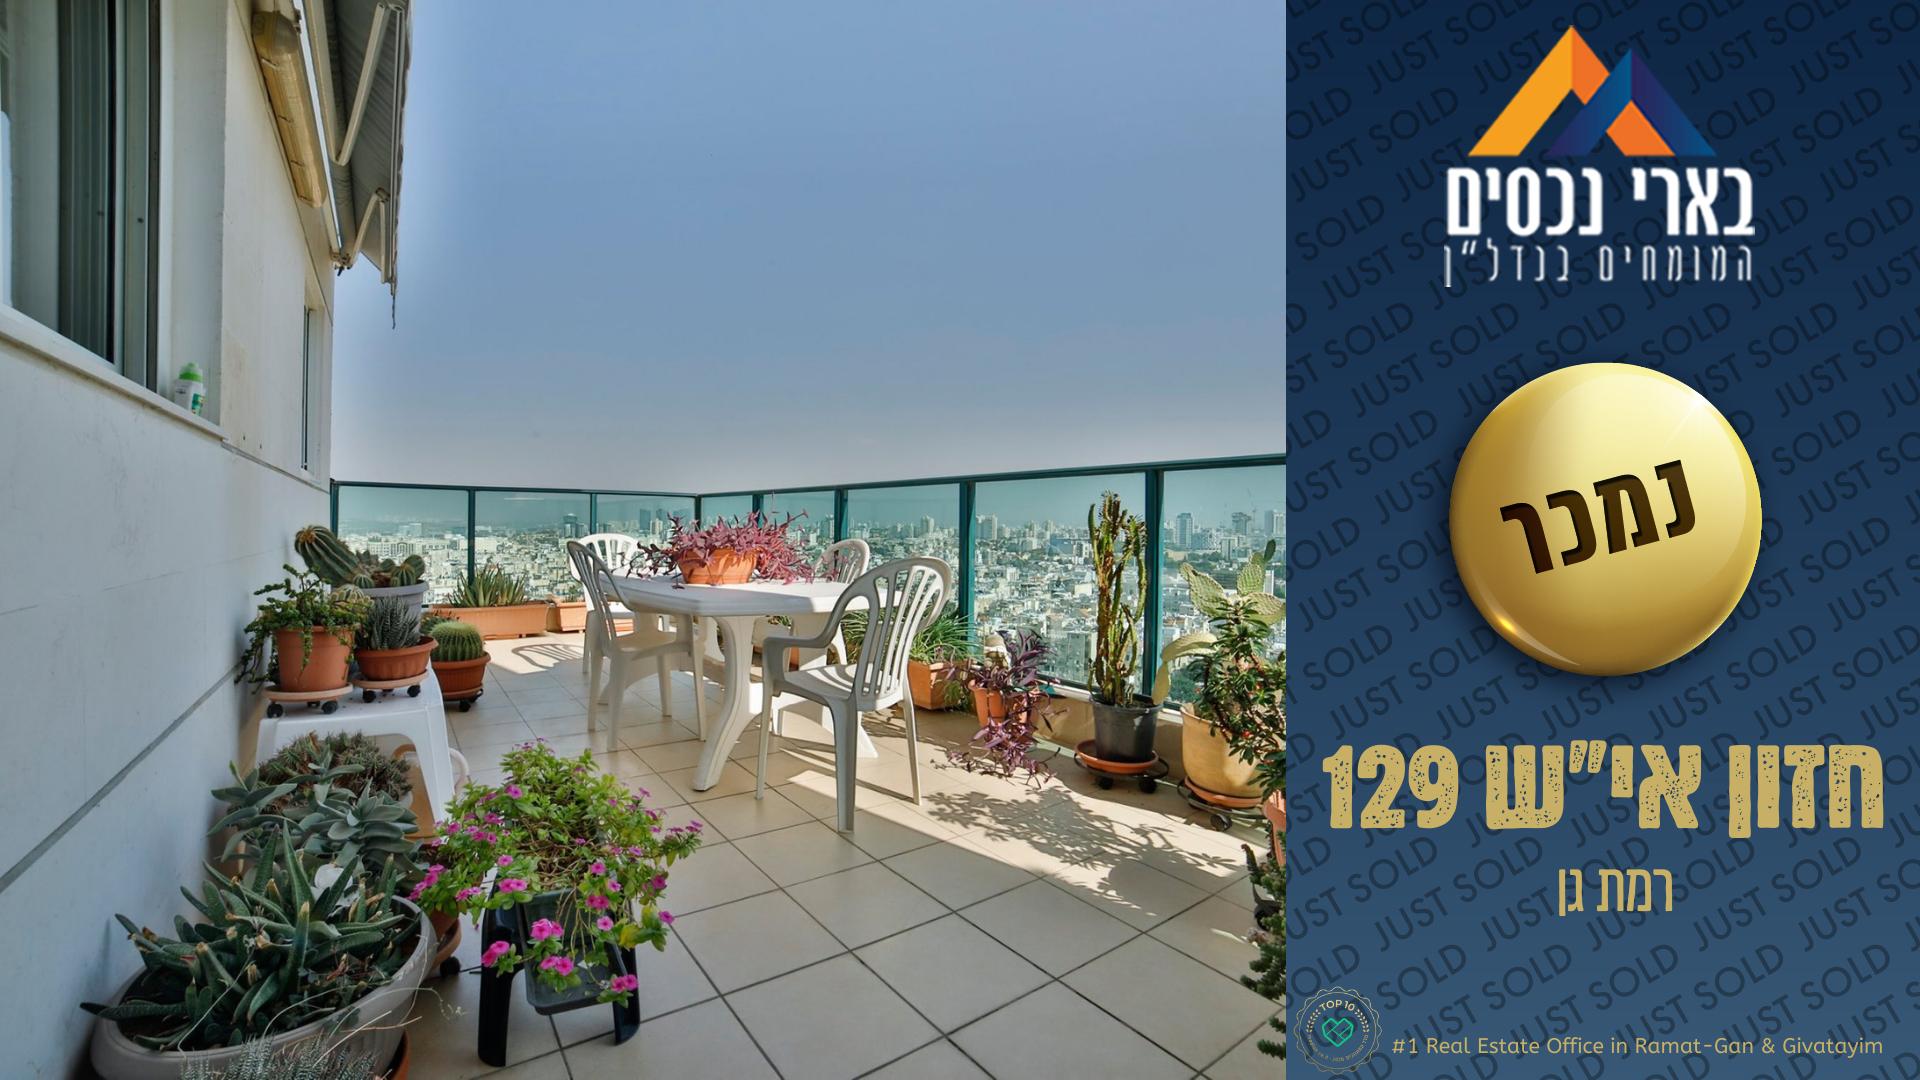 רח׳ חזון אי״ש 129 – במגדלי היוקרה של גני מרום